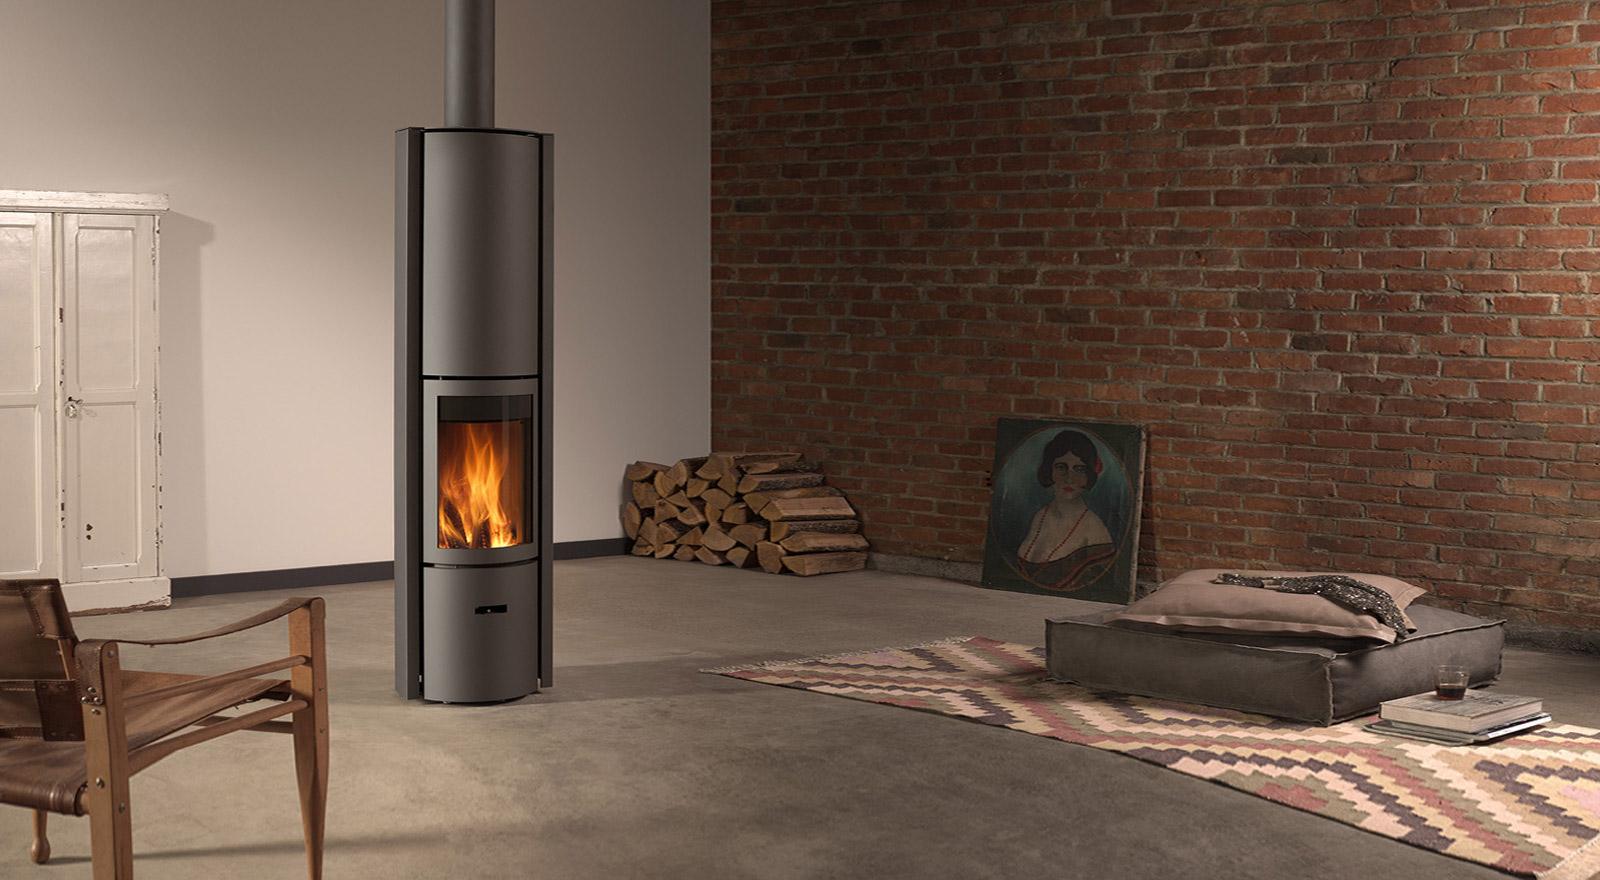 accumulateur de chaleur. Black Bedroom Furniture Sets. Home Design Ideas